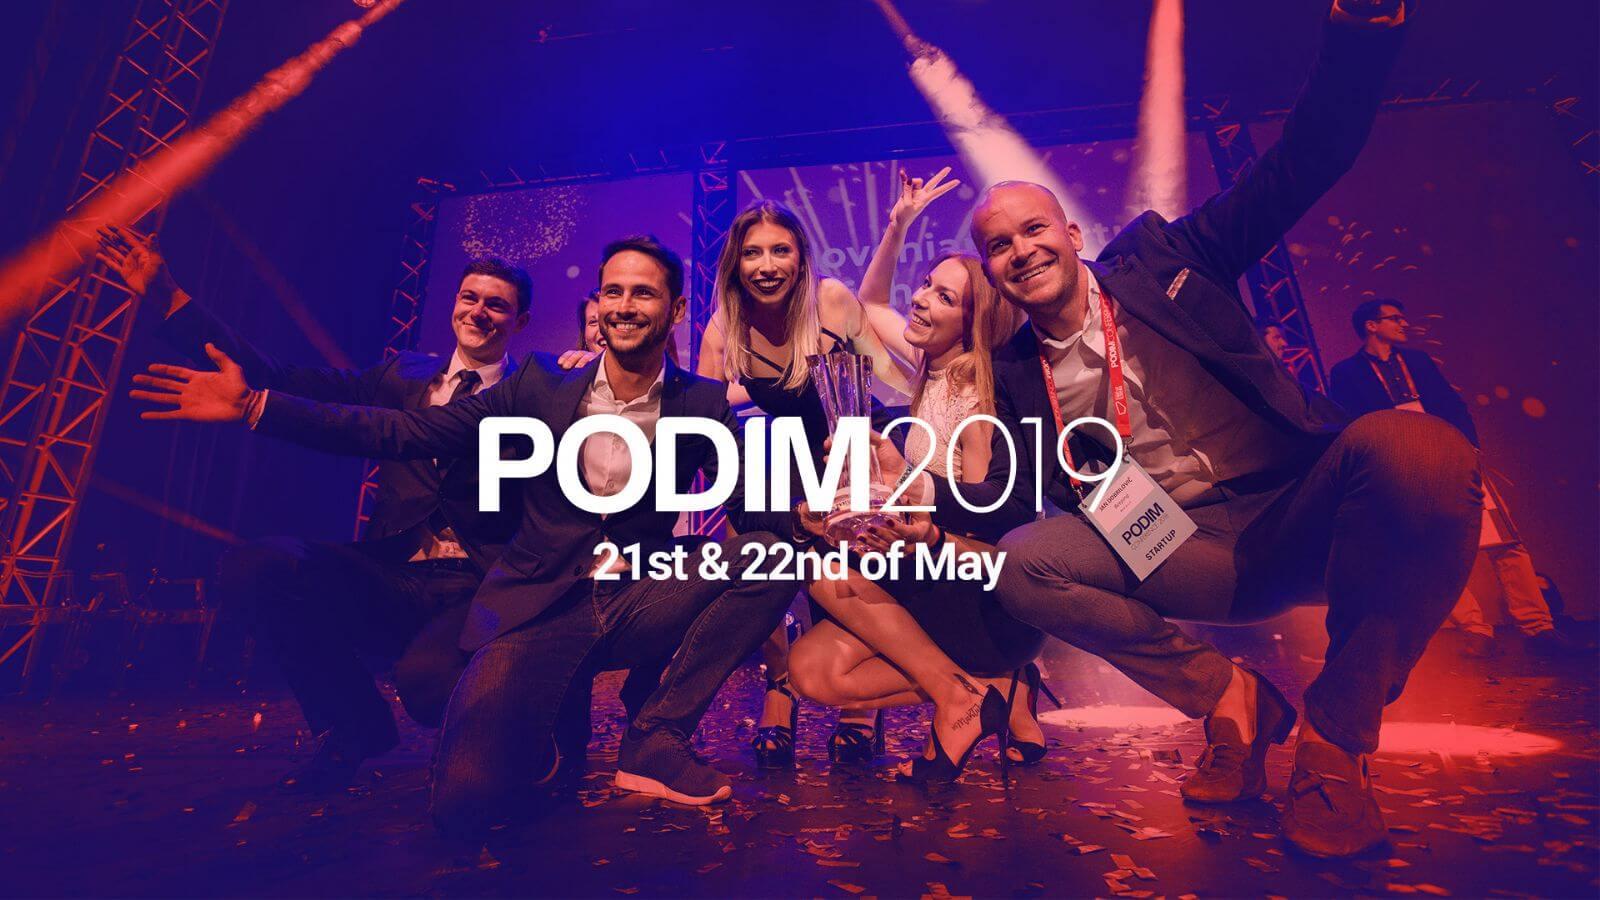 PODIM 2019